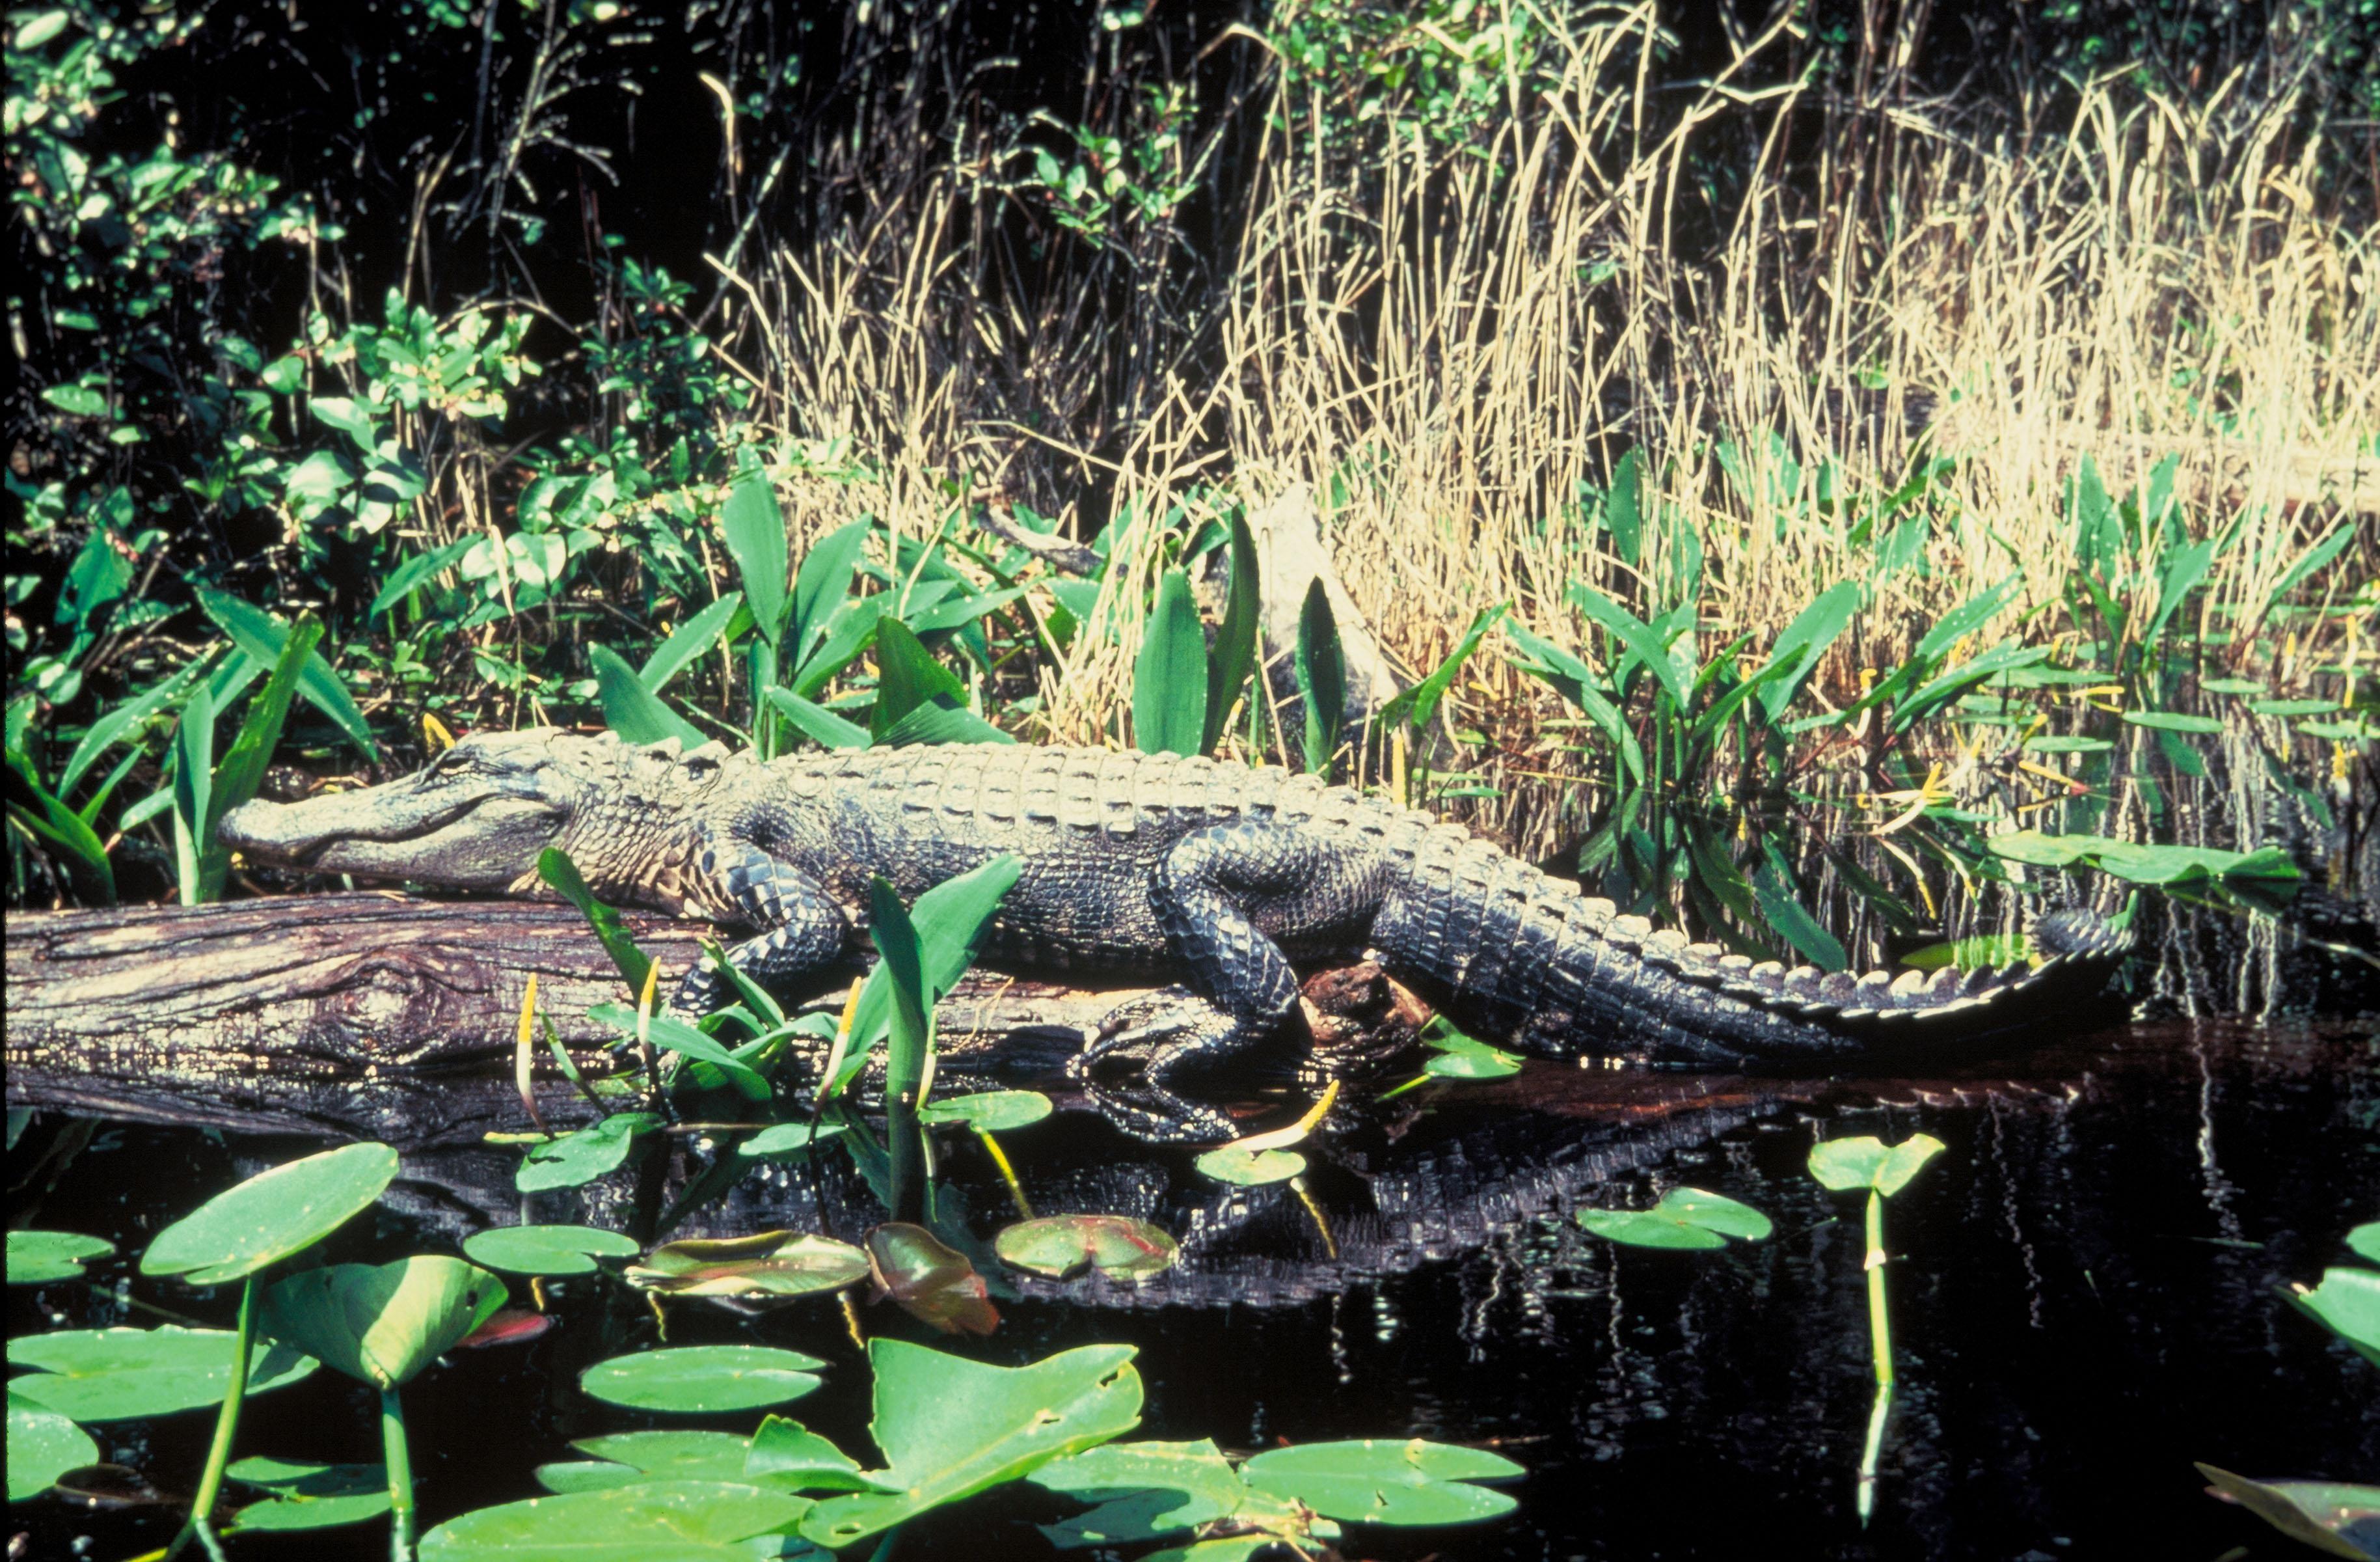 Free picture: alligator, reptile  Free picture: a...